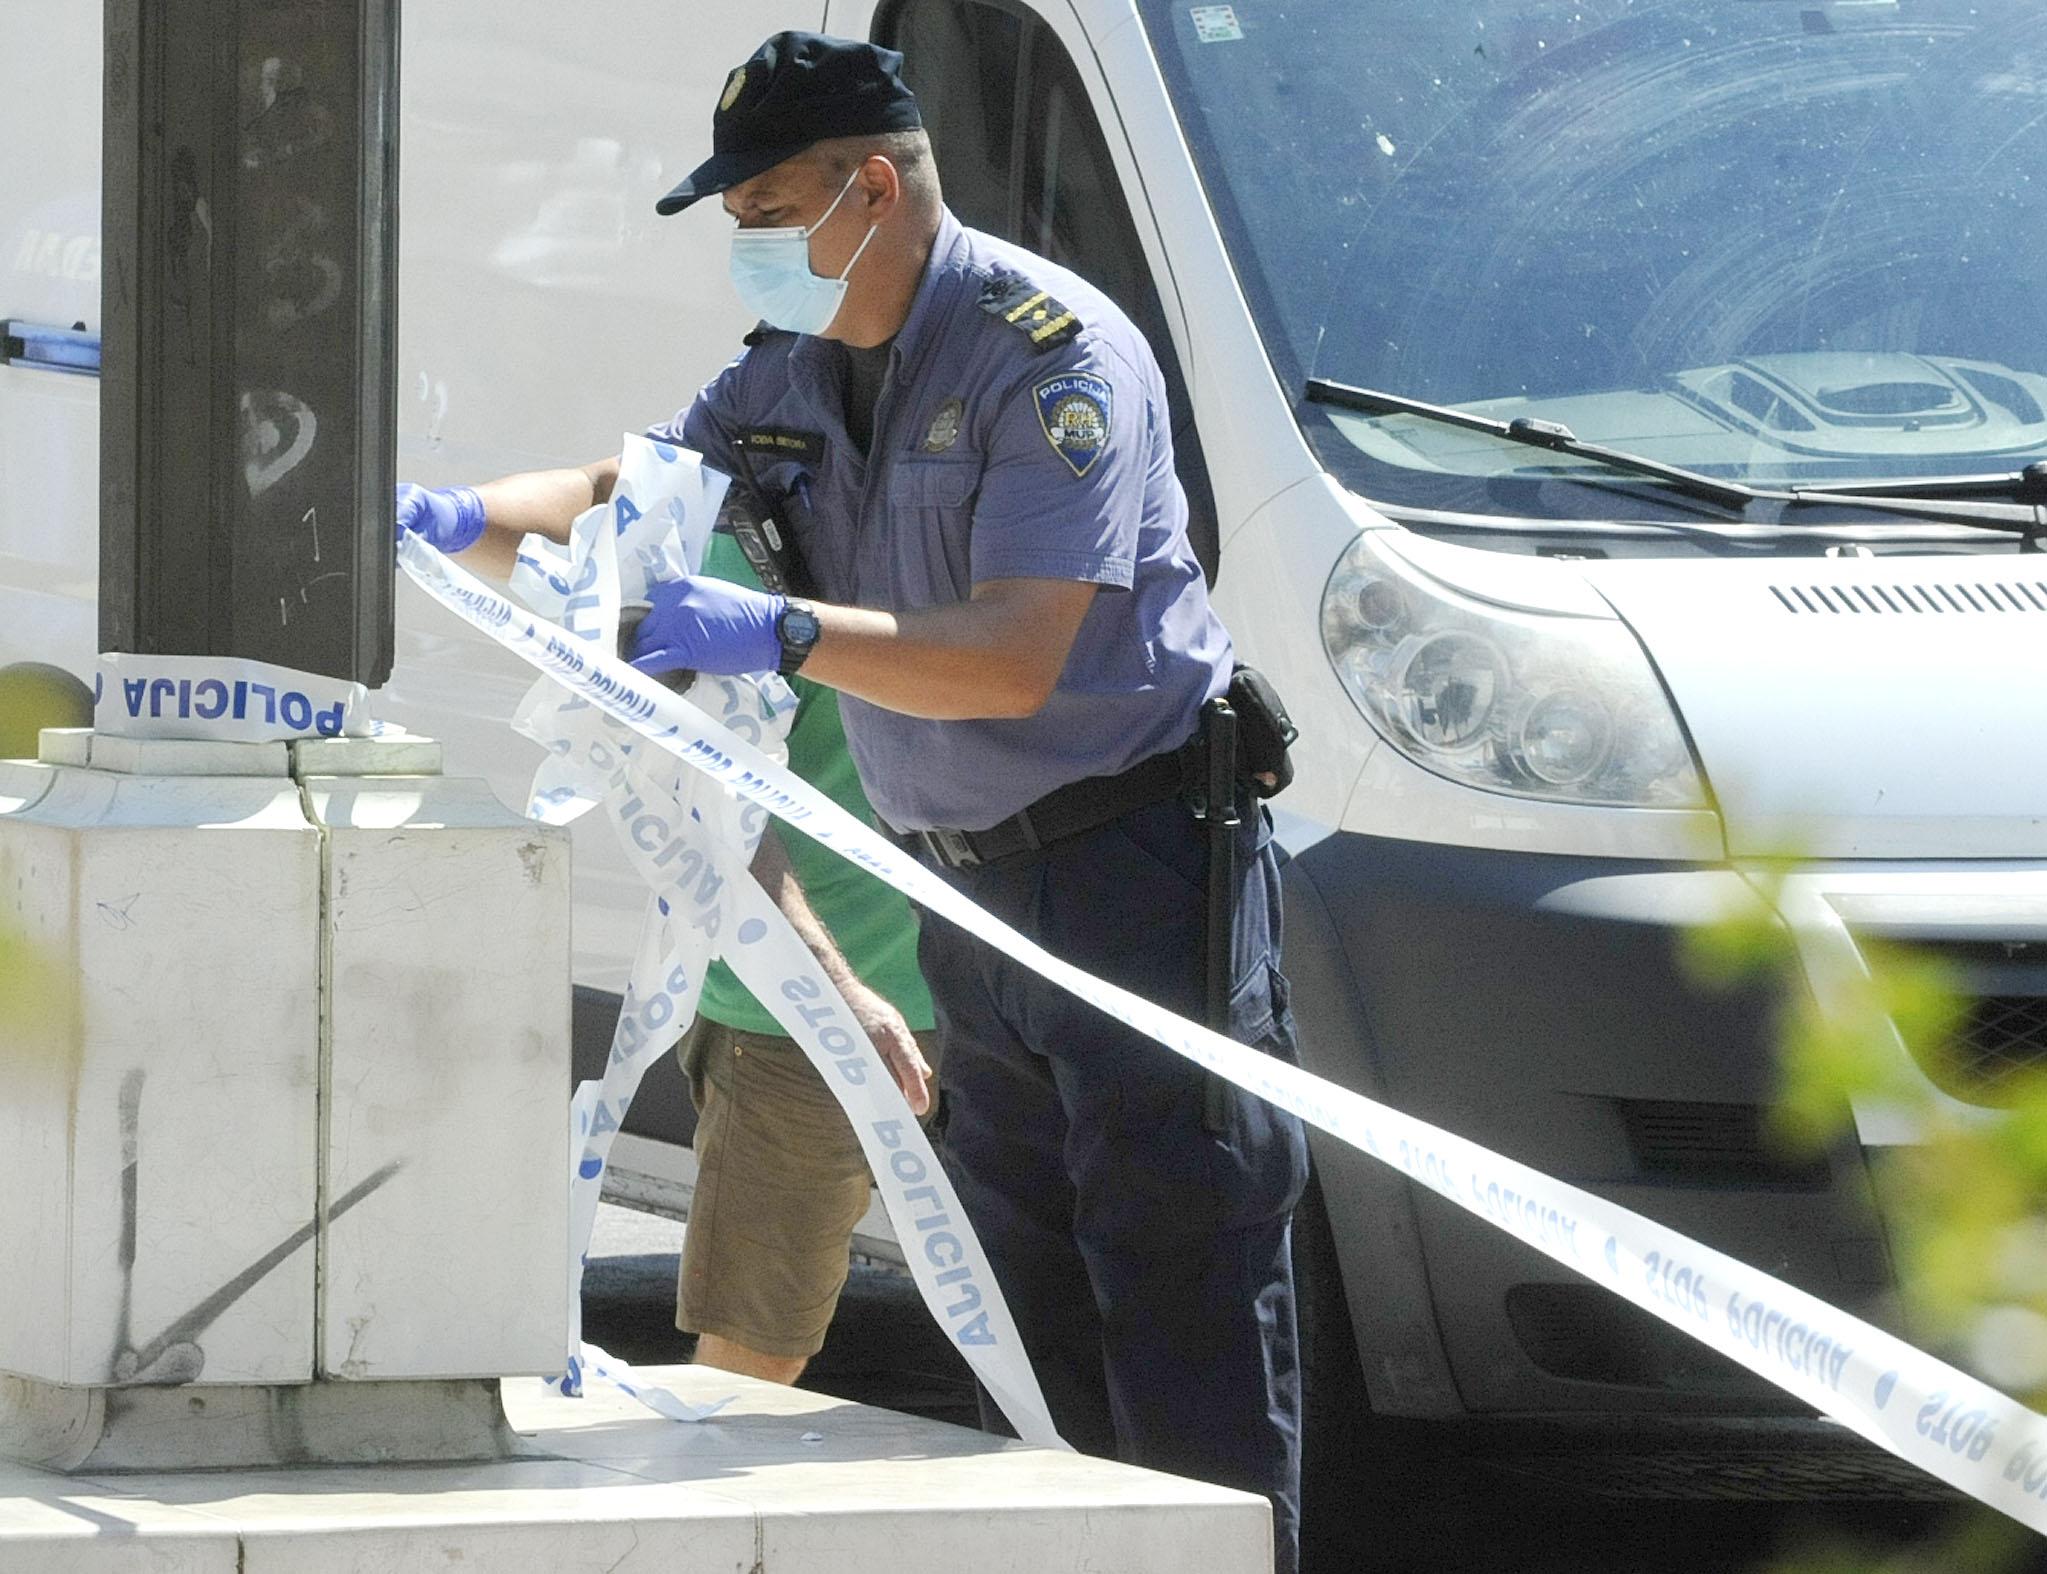 Ilustracija policijskog očevida (ne prikazuje osobe ni događaj iz teksta) / Foto Sergej Drechsler